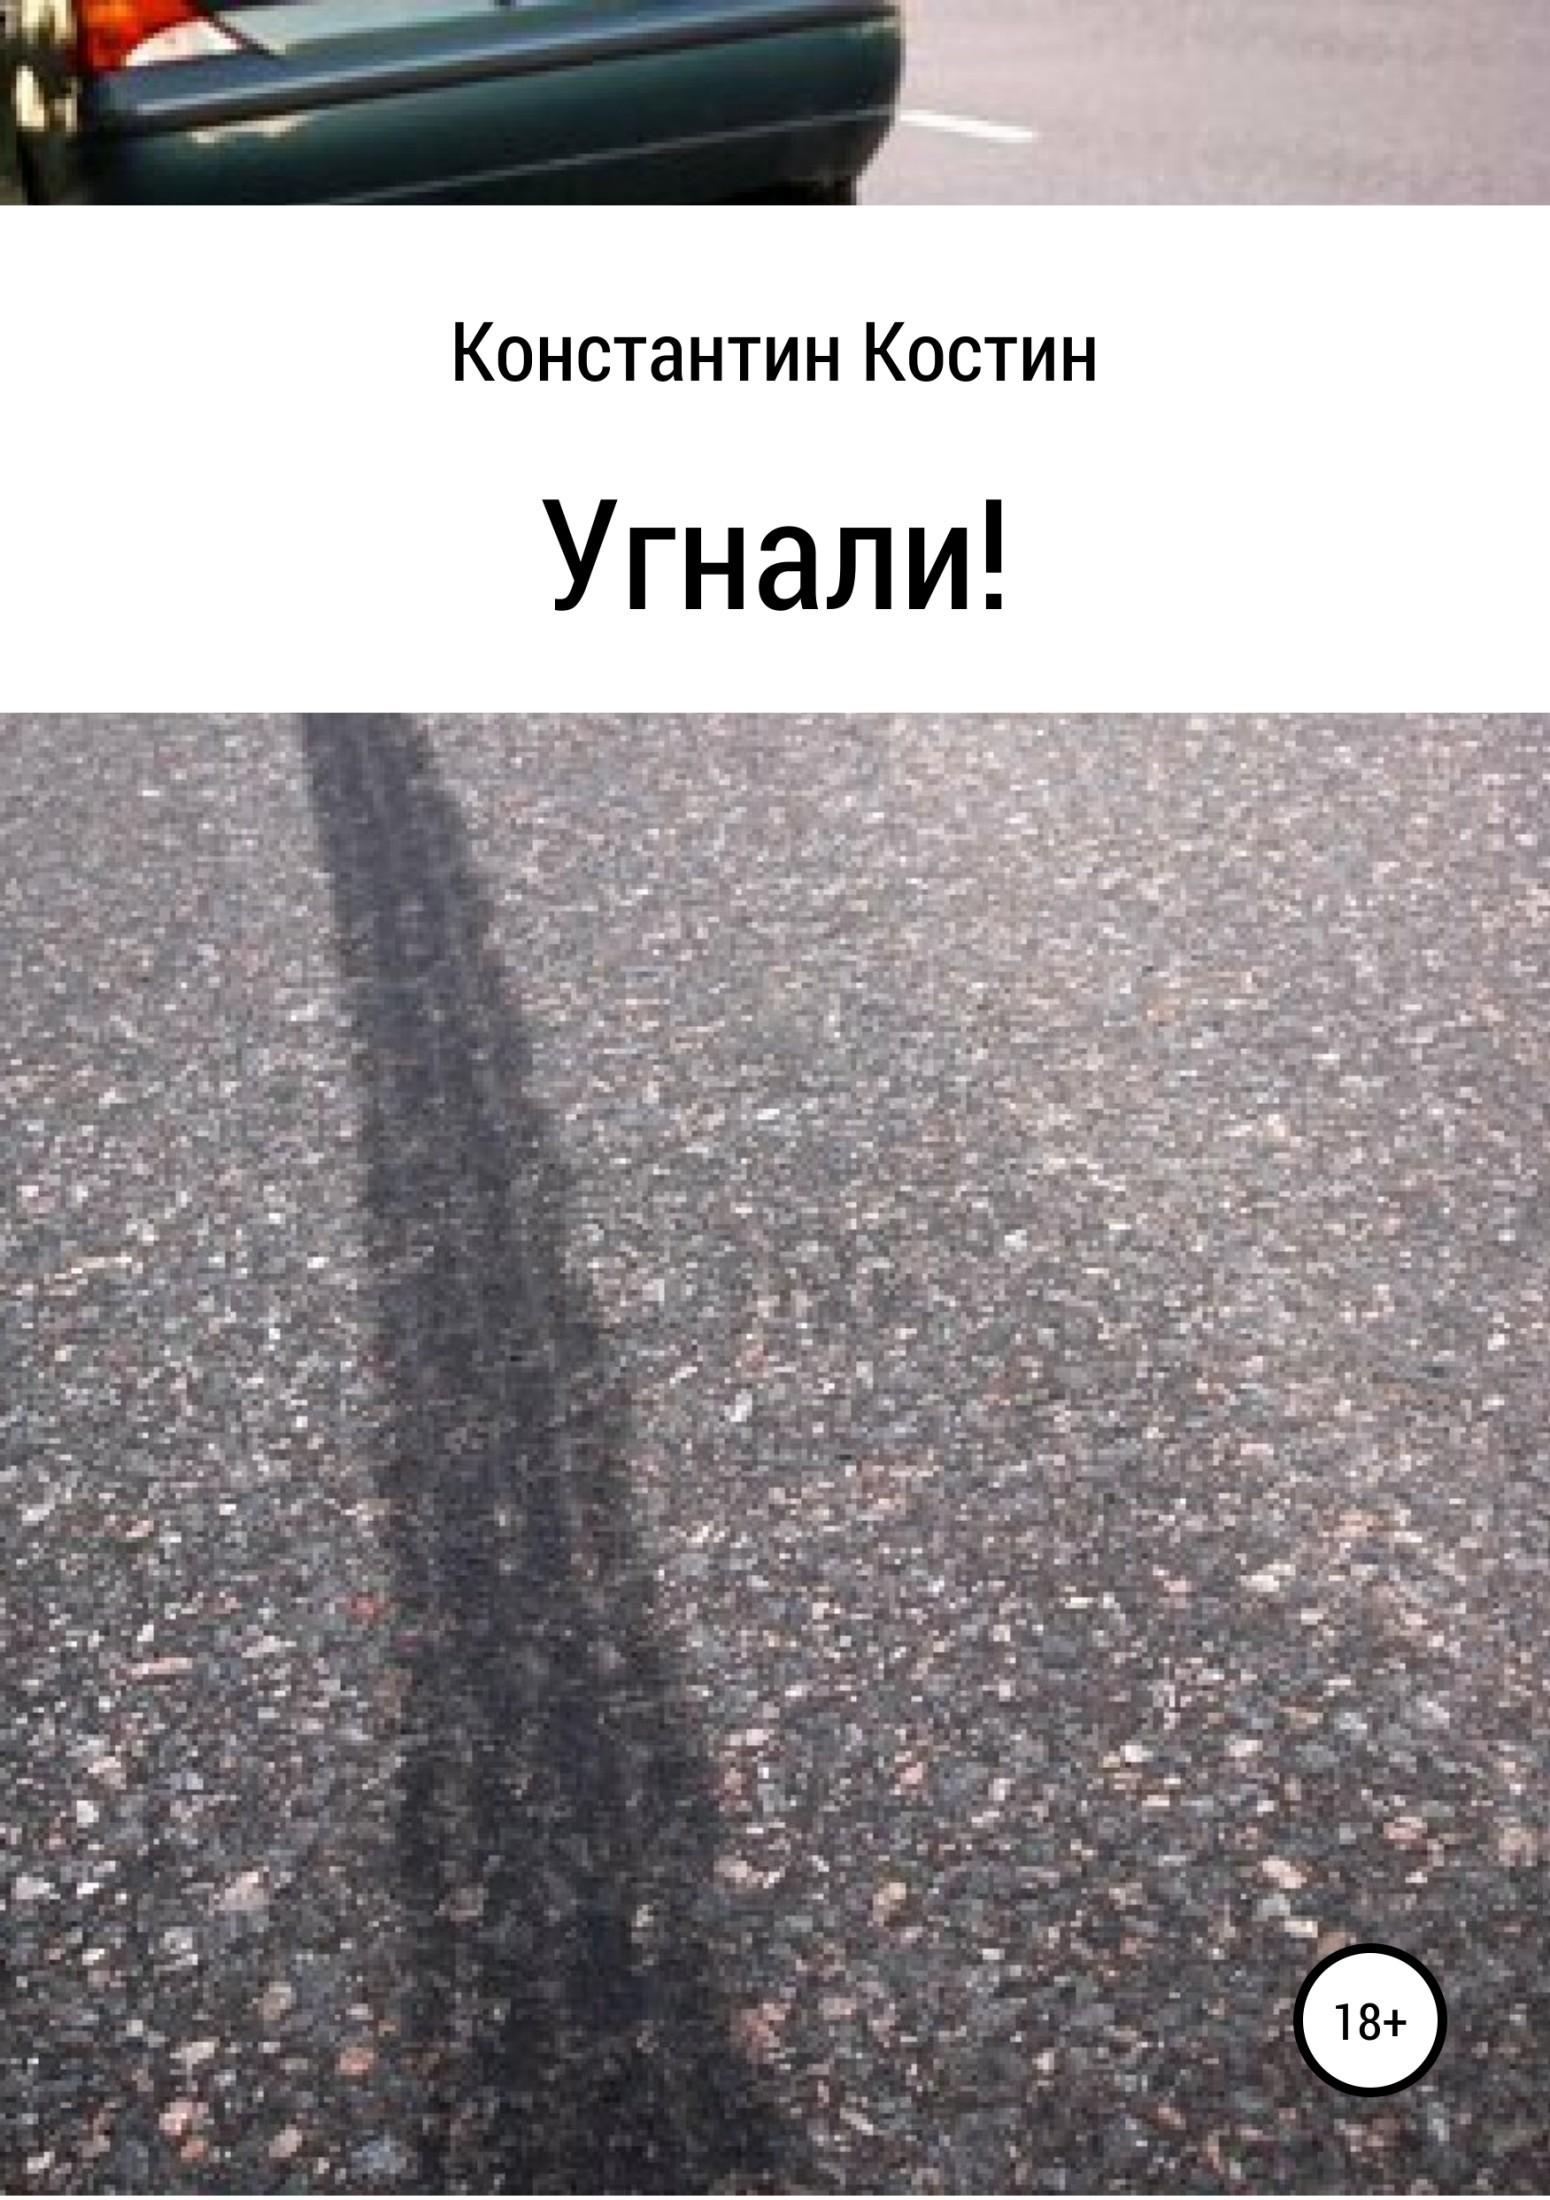 Константин Костин - Угнали!